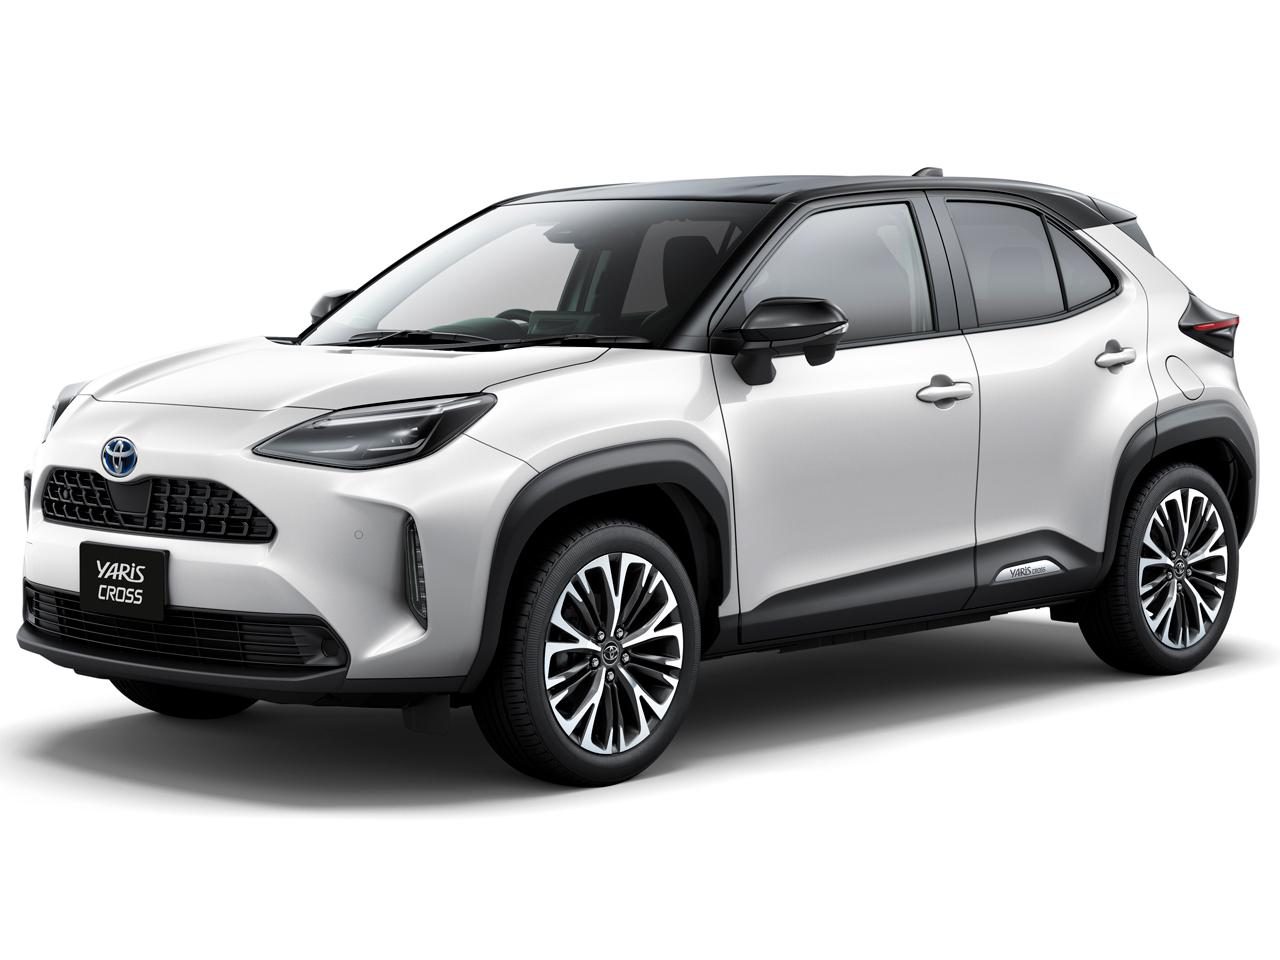 トヨタ ヤリスクロス 2020年モデル 新車画像